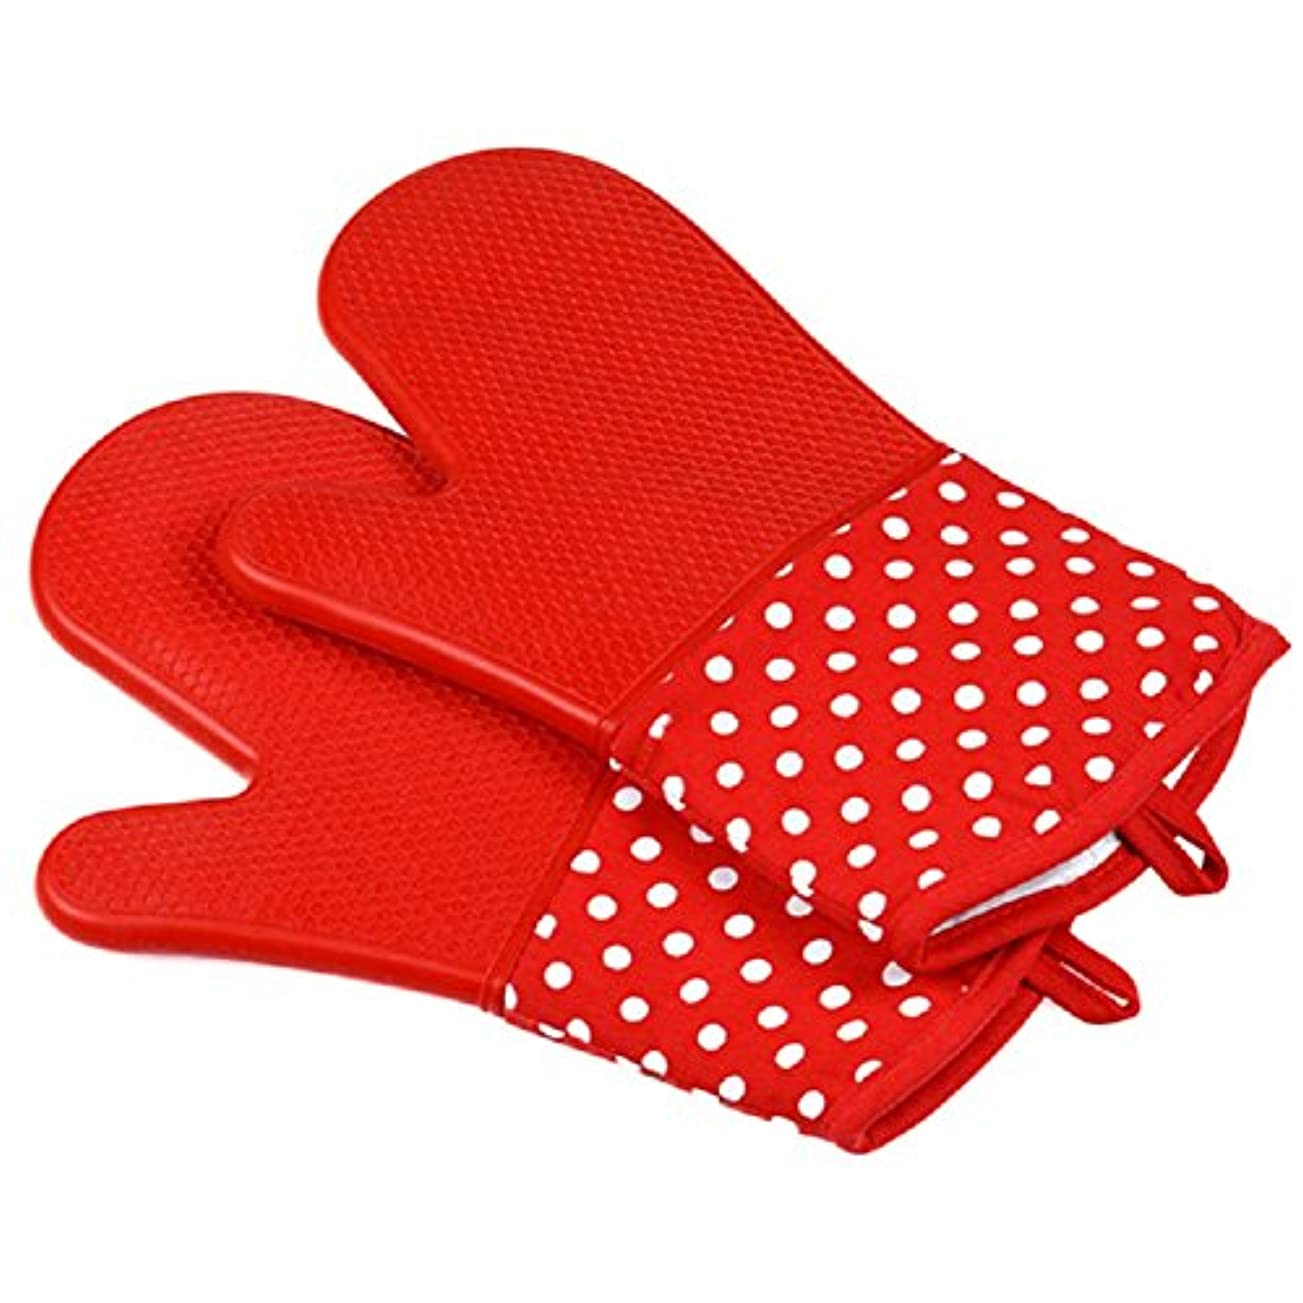 慈善経済的貼り直すOUYOU 耐熱グローブ シリコンチェック 耐熱温度300℃ キッチングローブ オーブンミトン シリコン手袋 滑り止め クッキング用 フリーサイズ 2個セット